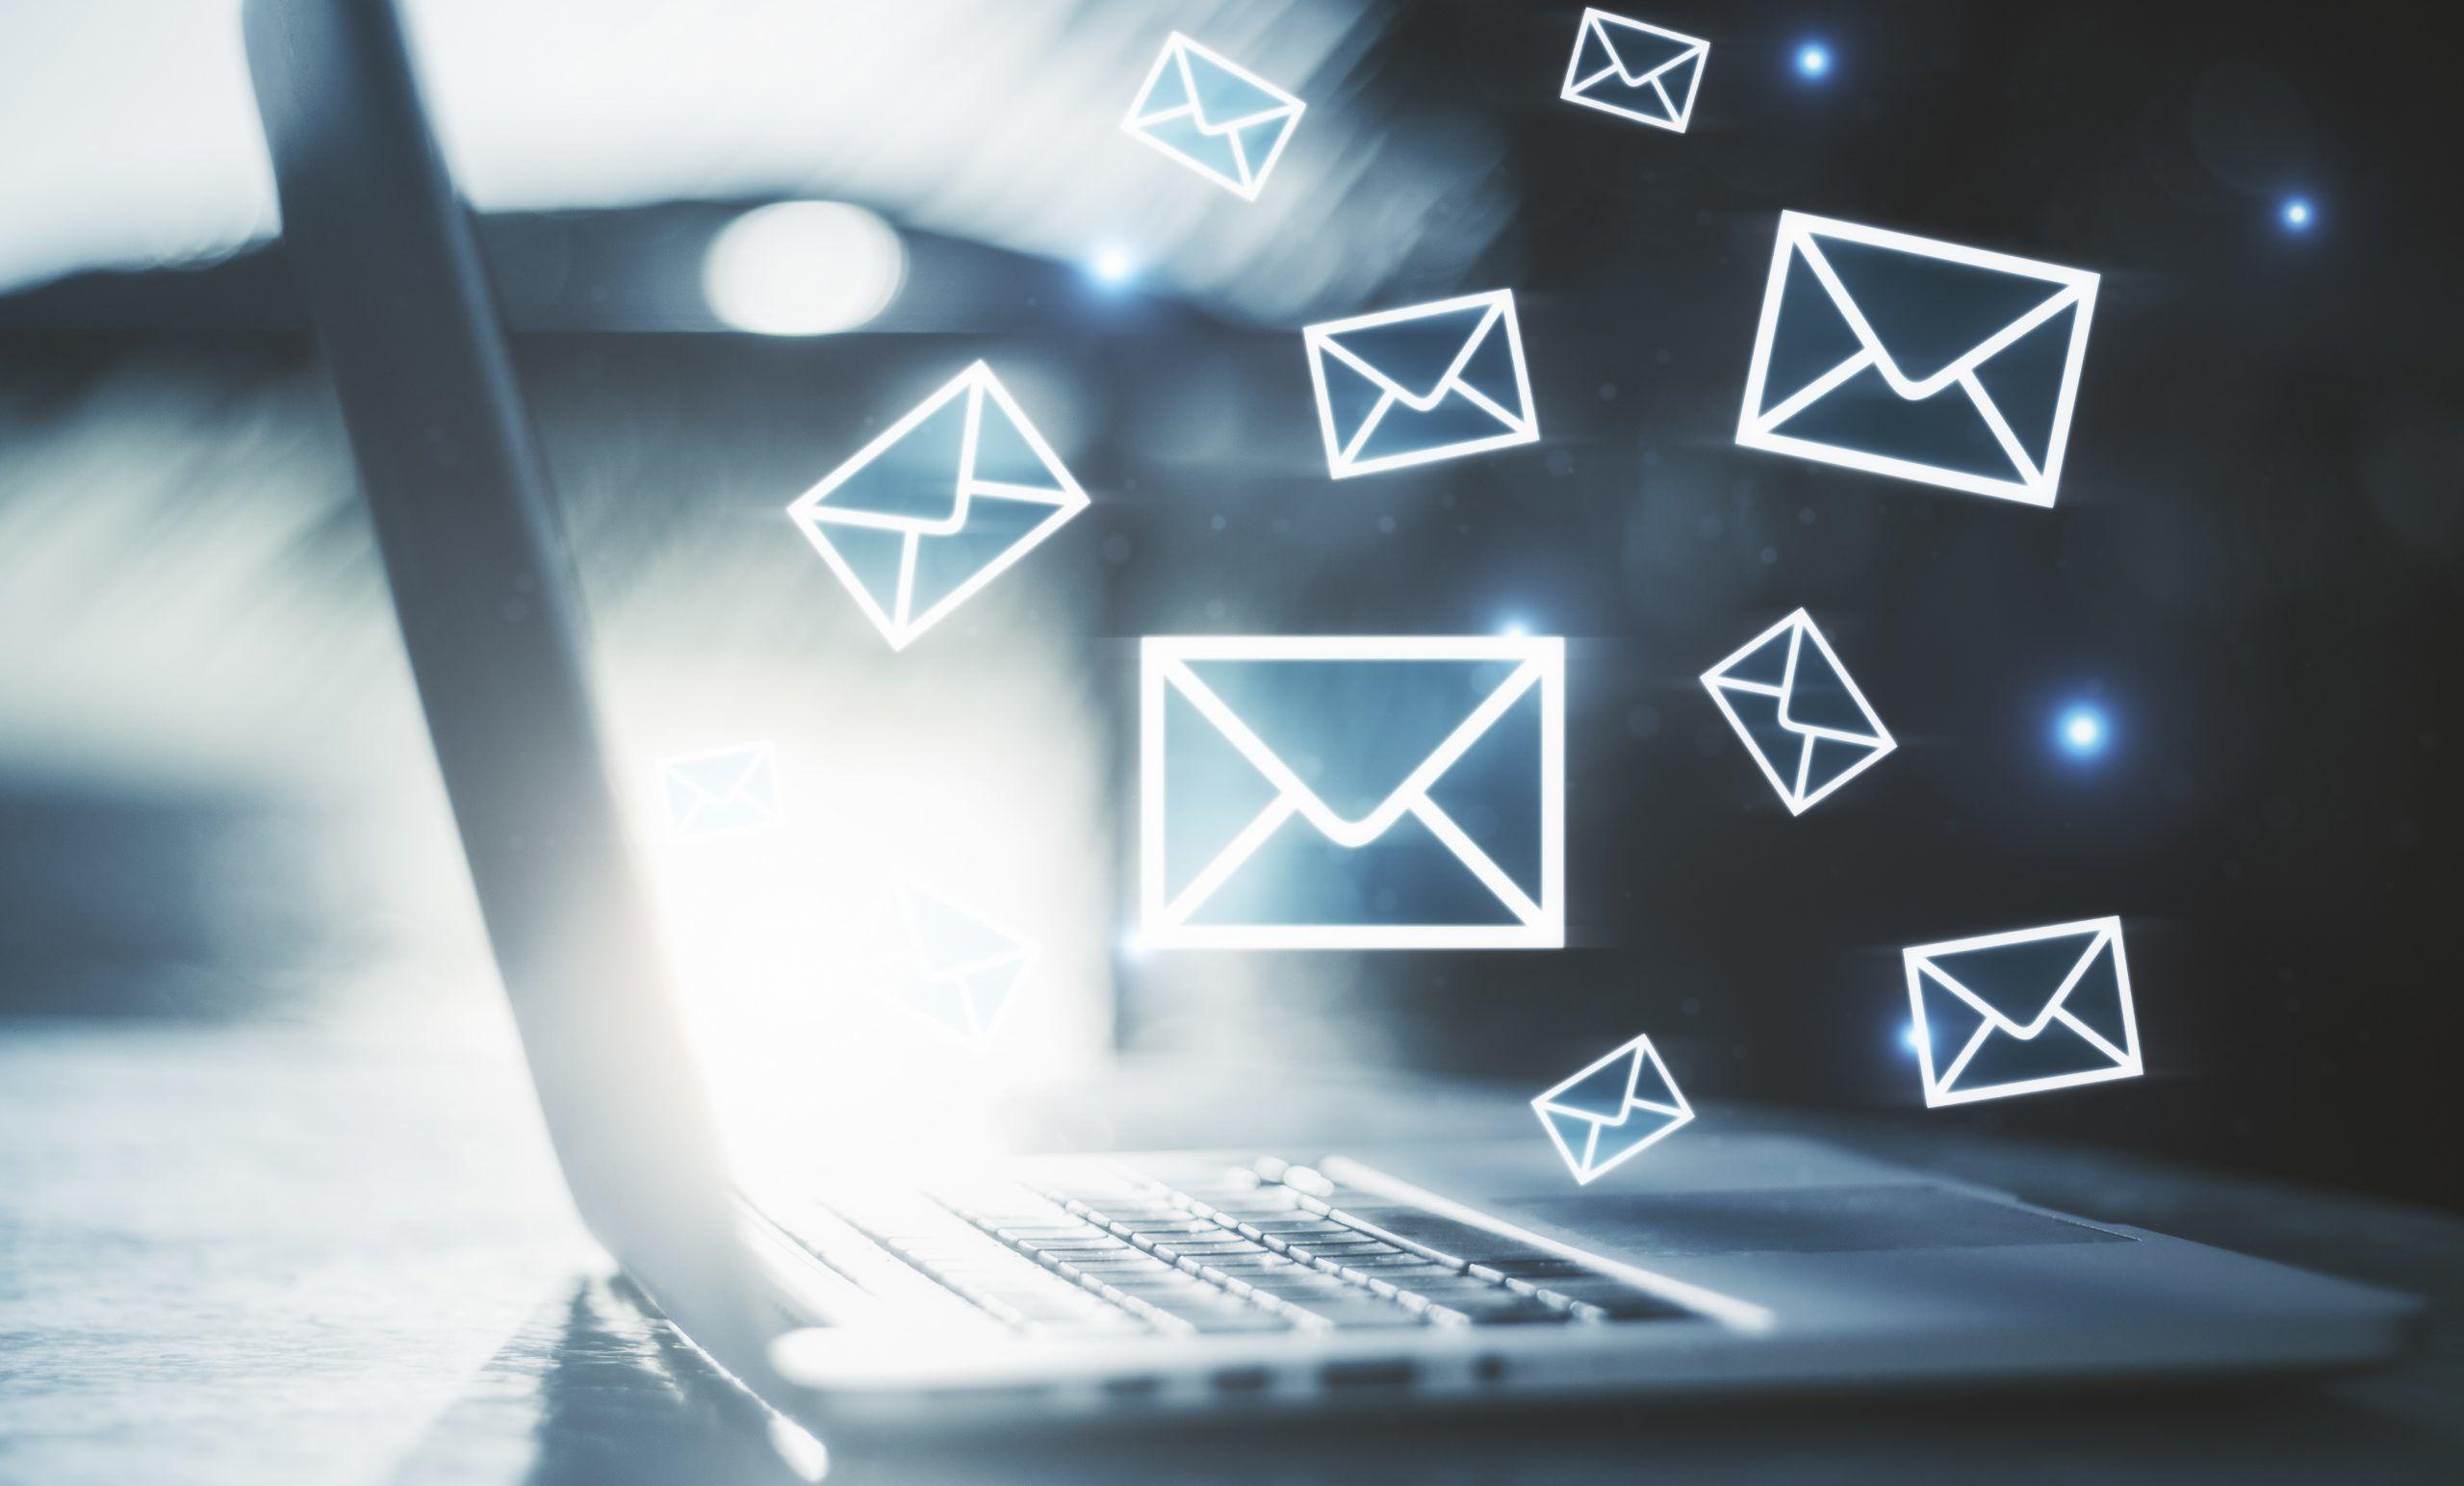 Имейл маркетинг услуги Сайтмар Sitemar, Имейл маркетинг, Дигитално студио Сайтмар   Уеб дизайн и реклама